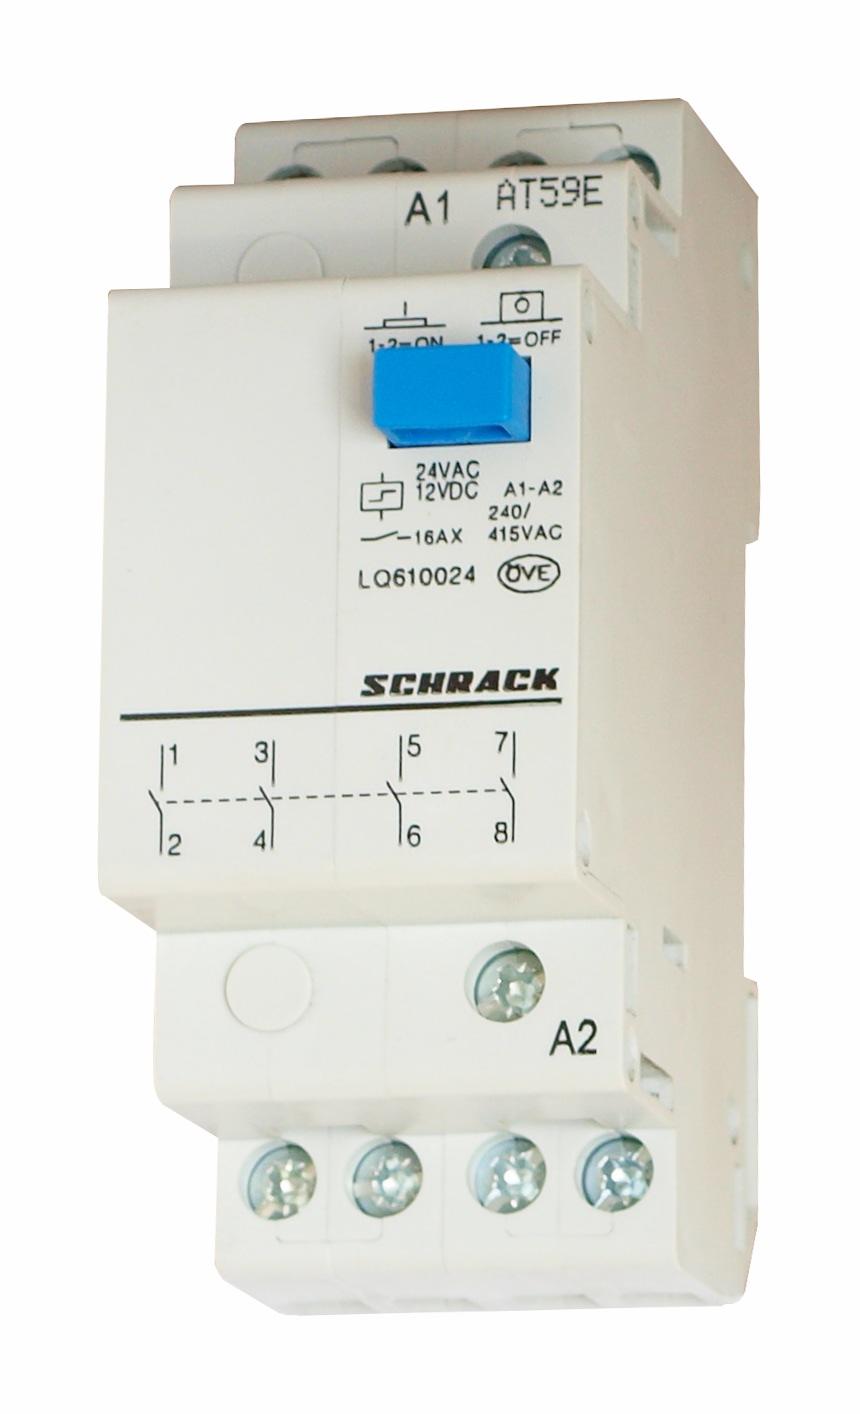 1 Stk Reiheneinbau Fernschalter, 4 Schließer, 230VAC LQ610230--